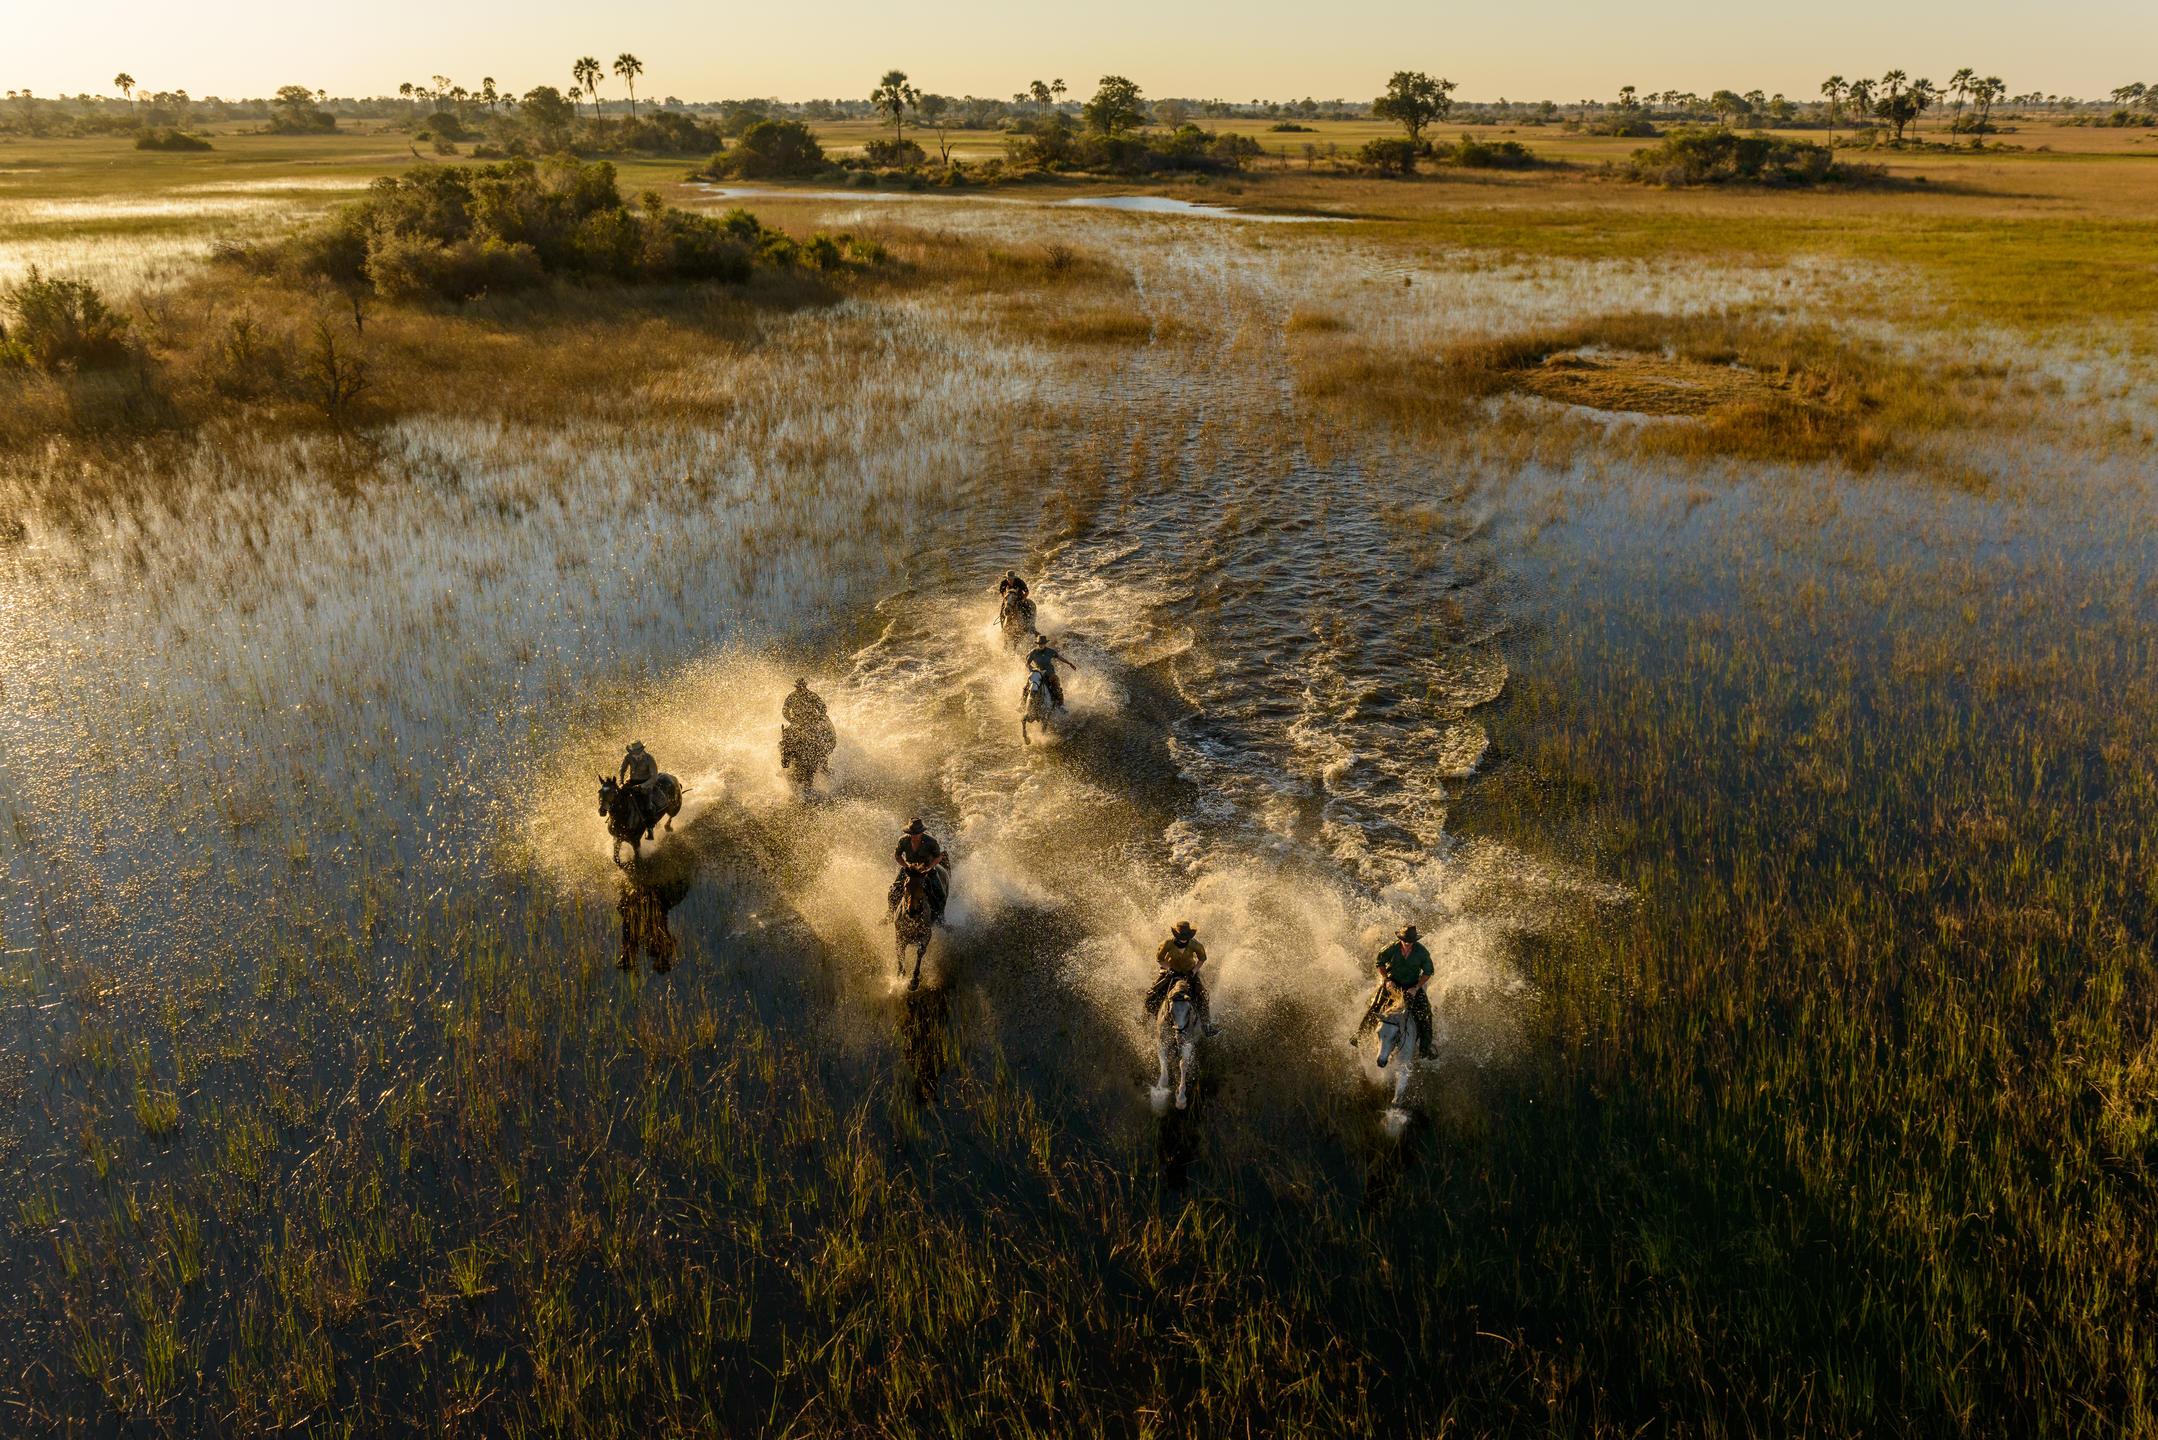 African Horseback Safari Okcavango Delta